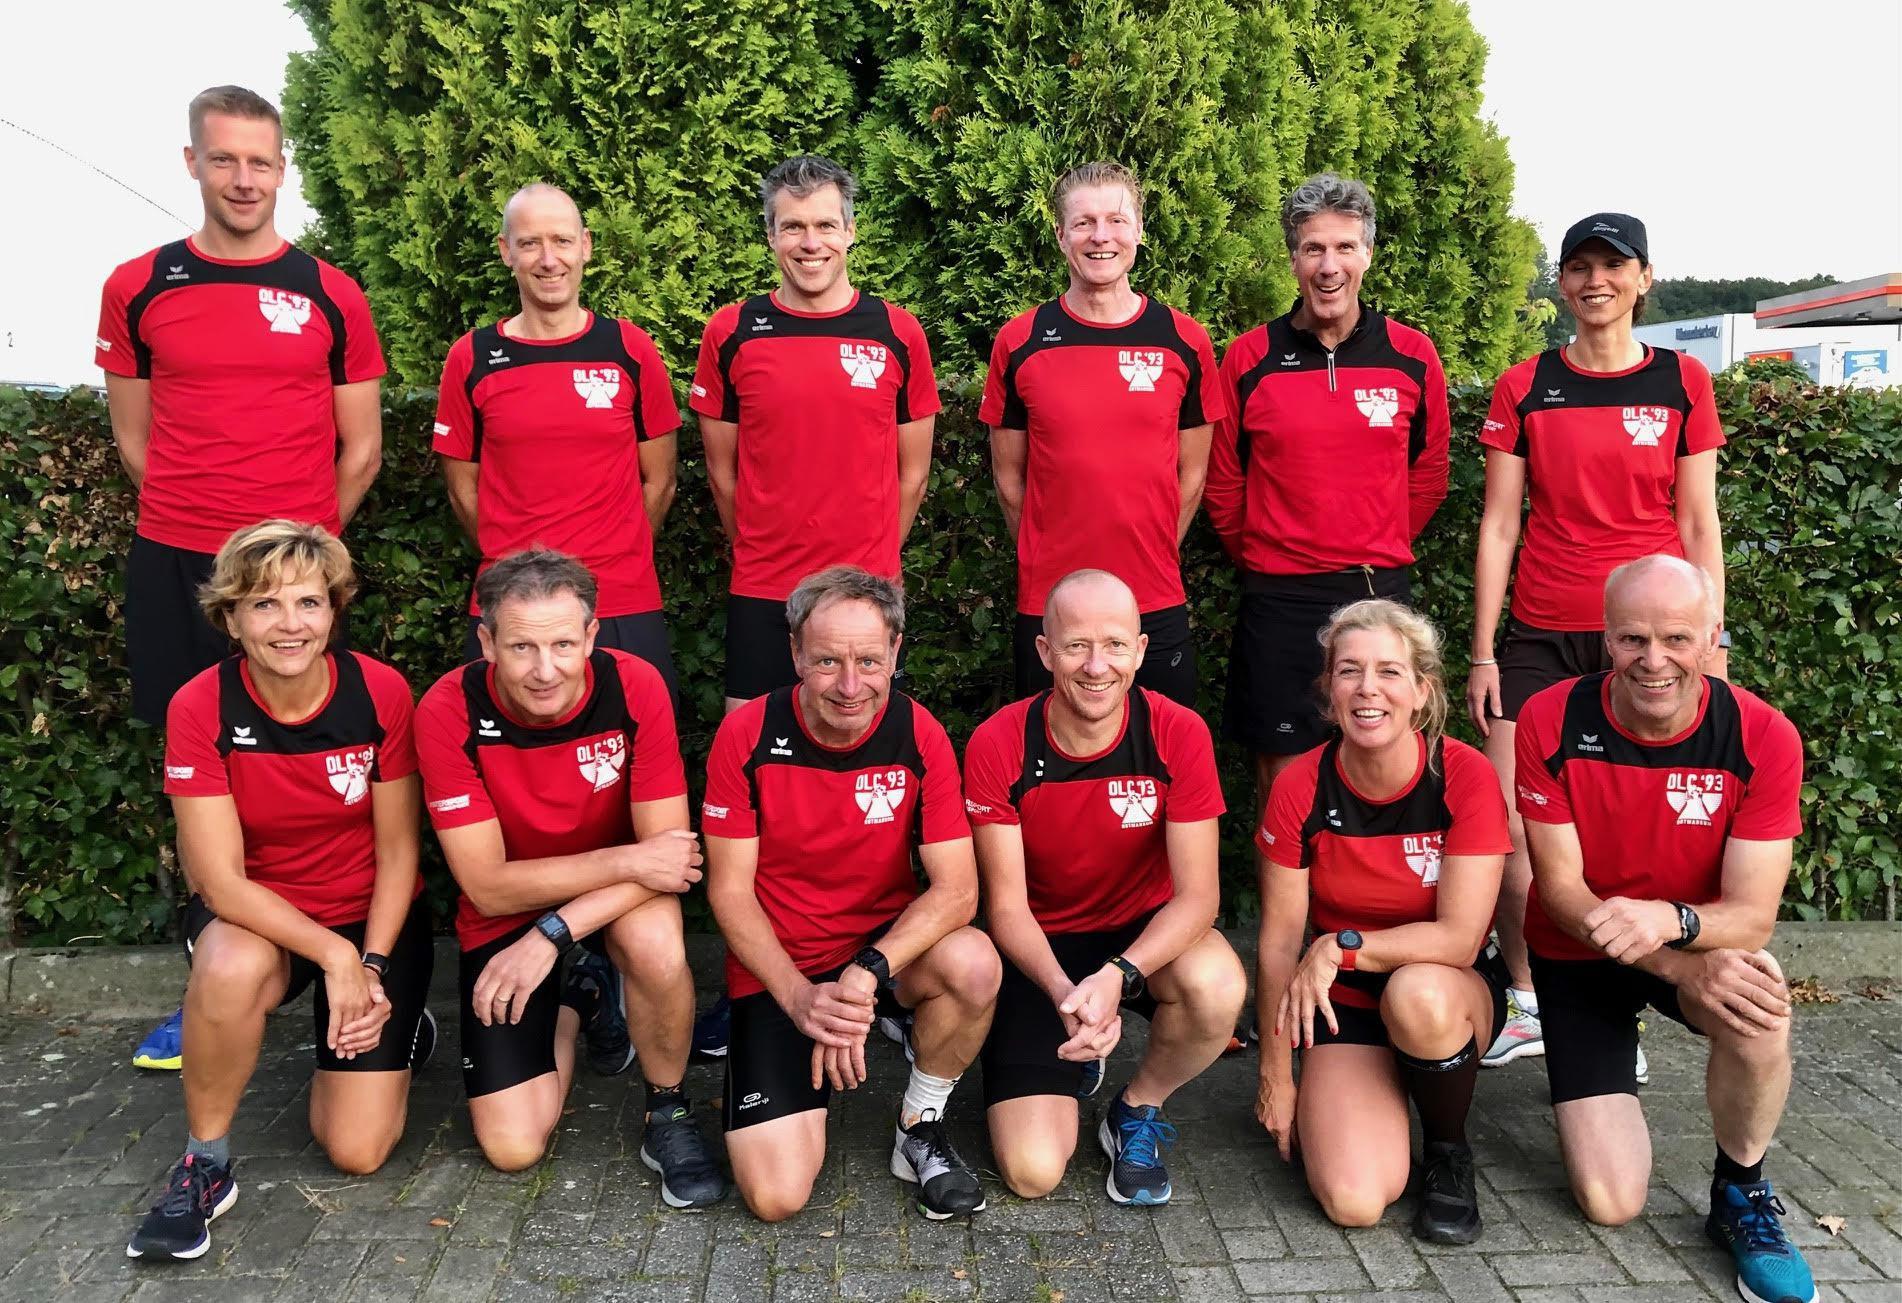 OLC'ers na lange tijd weer op marathon missie in Duitse hoofdstad